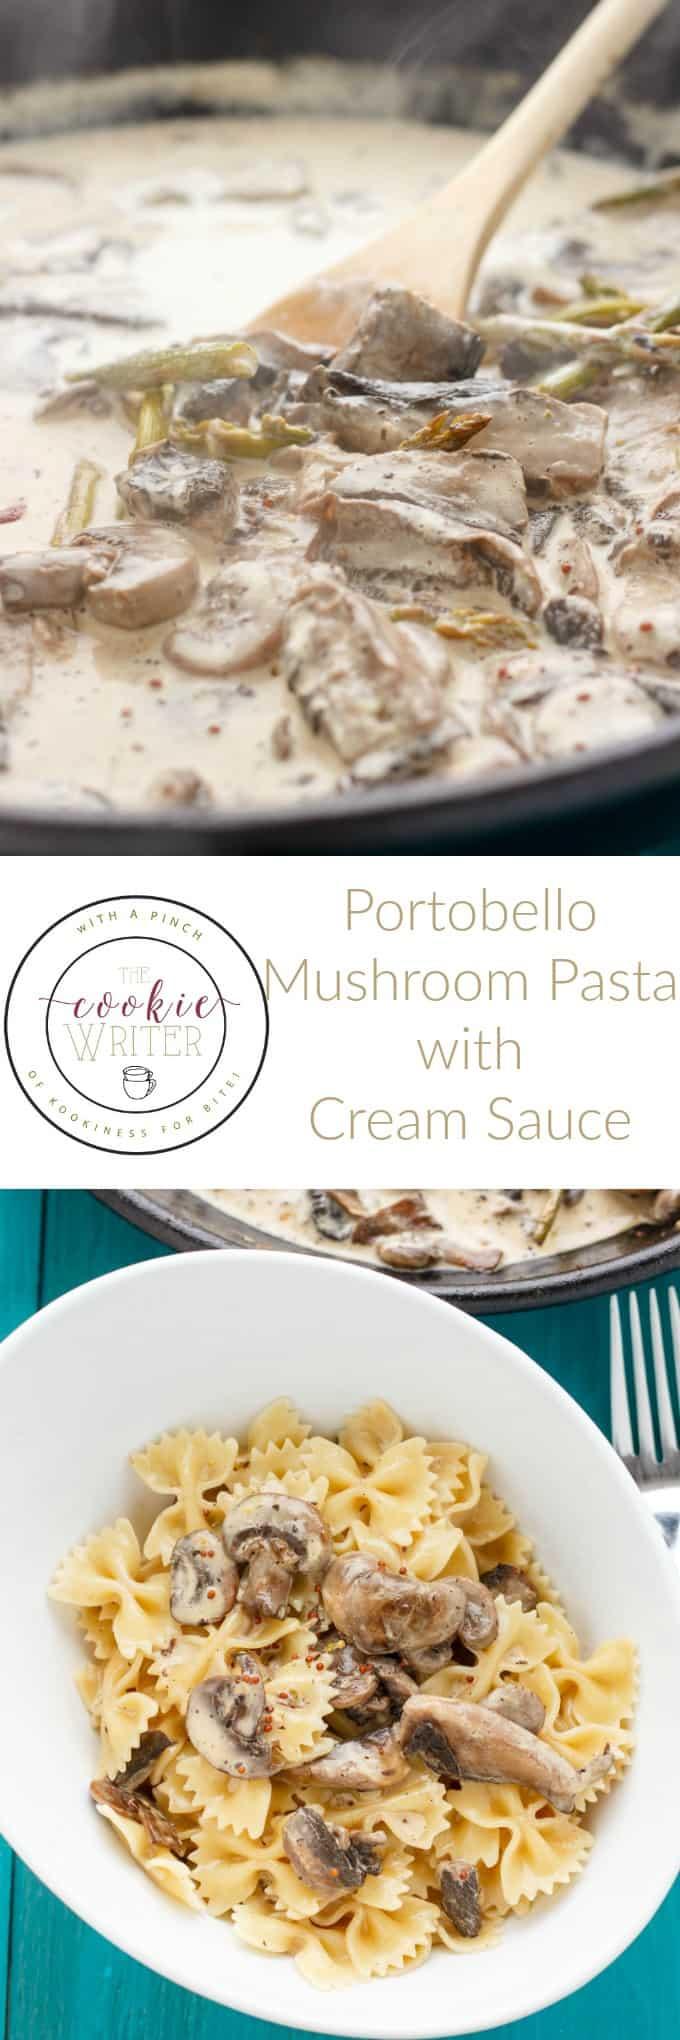 Portobello Mushroom Pasta with Cream Sauce #pasta